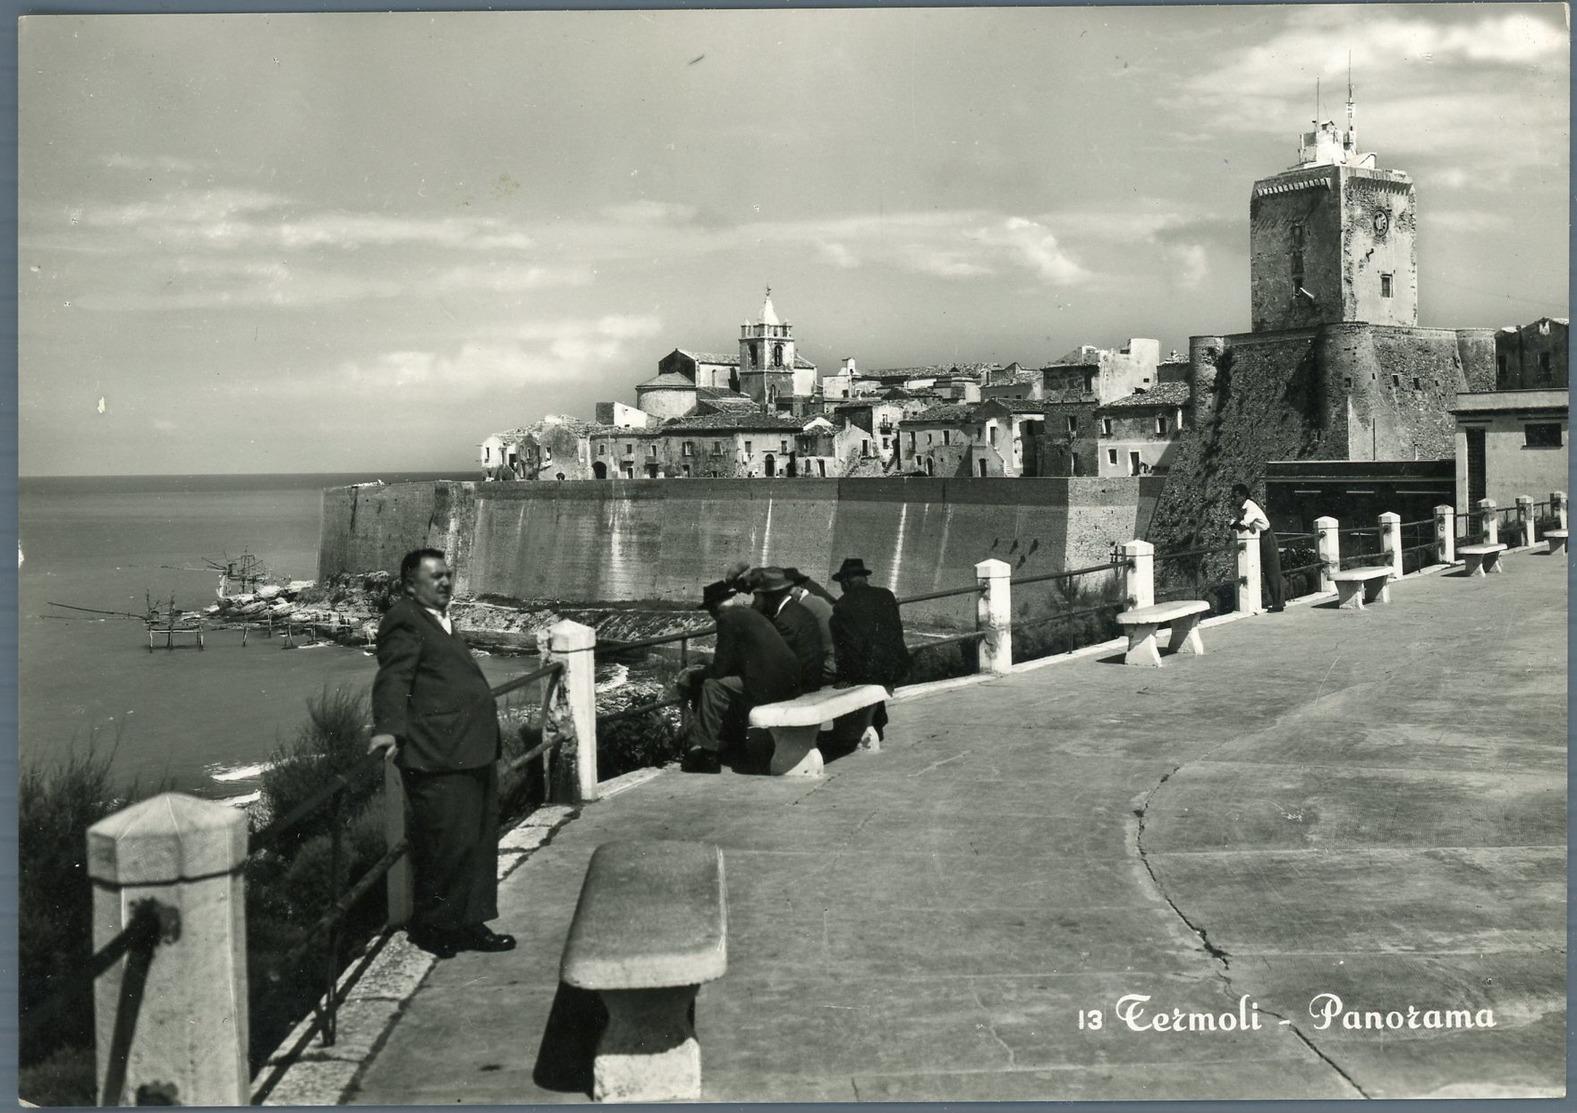 °°° Cartolina N. 102 Termoli Panorama Nuova °°° - Campobasso